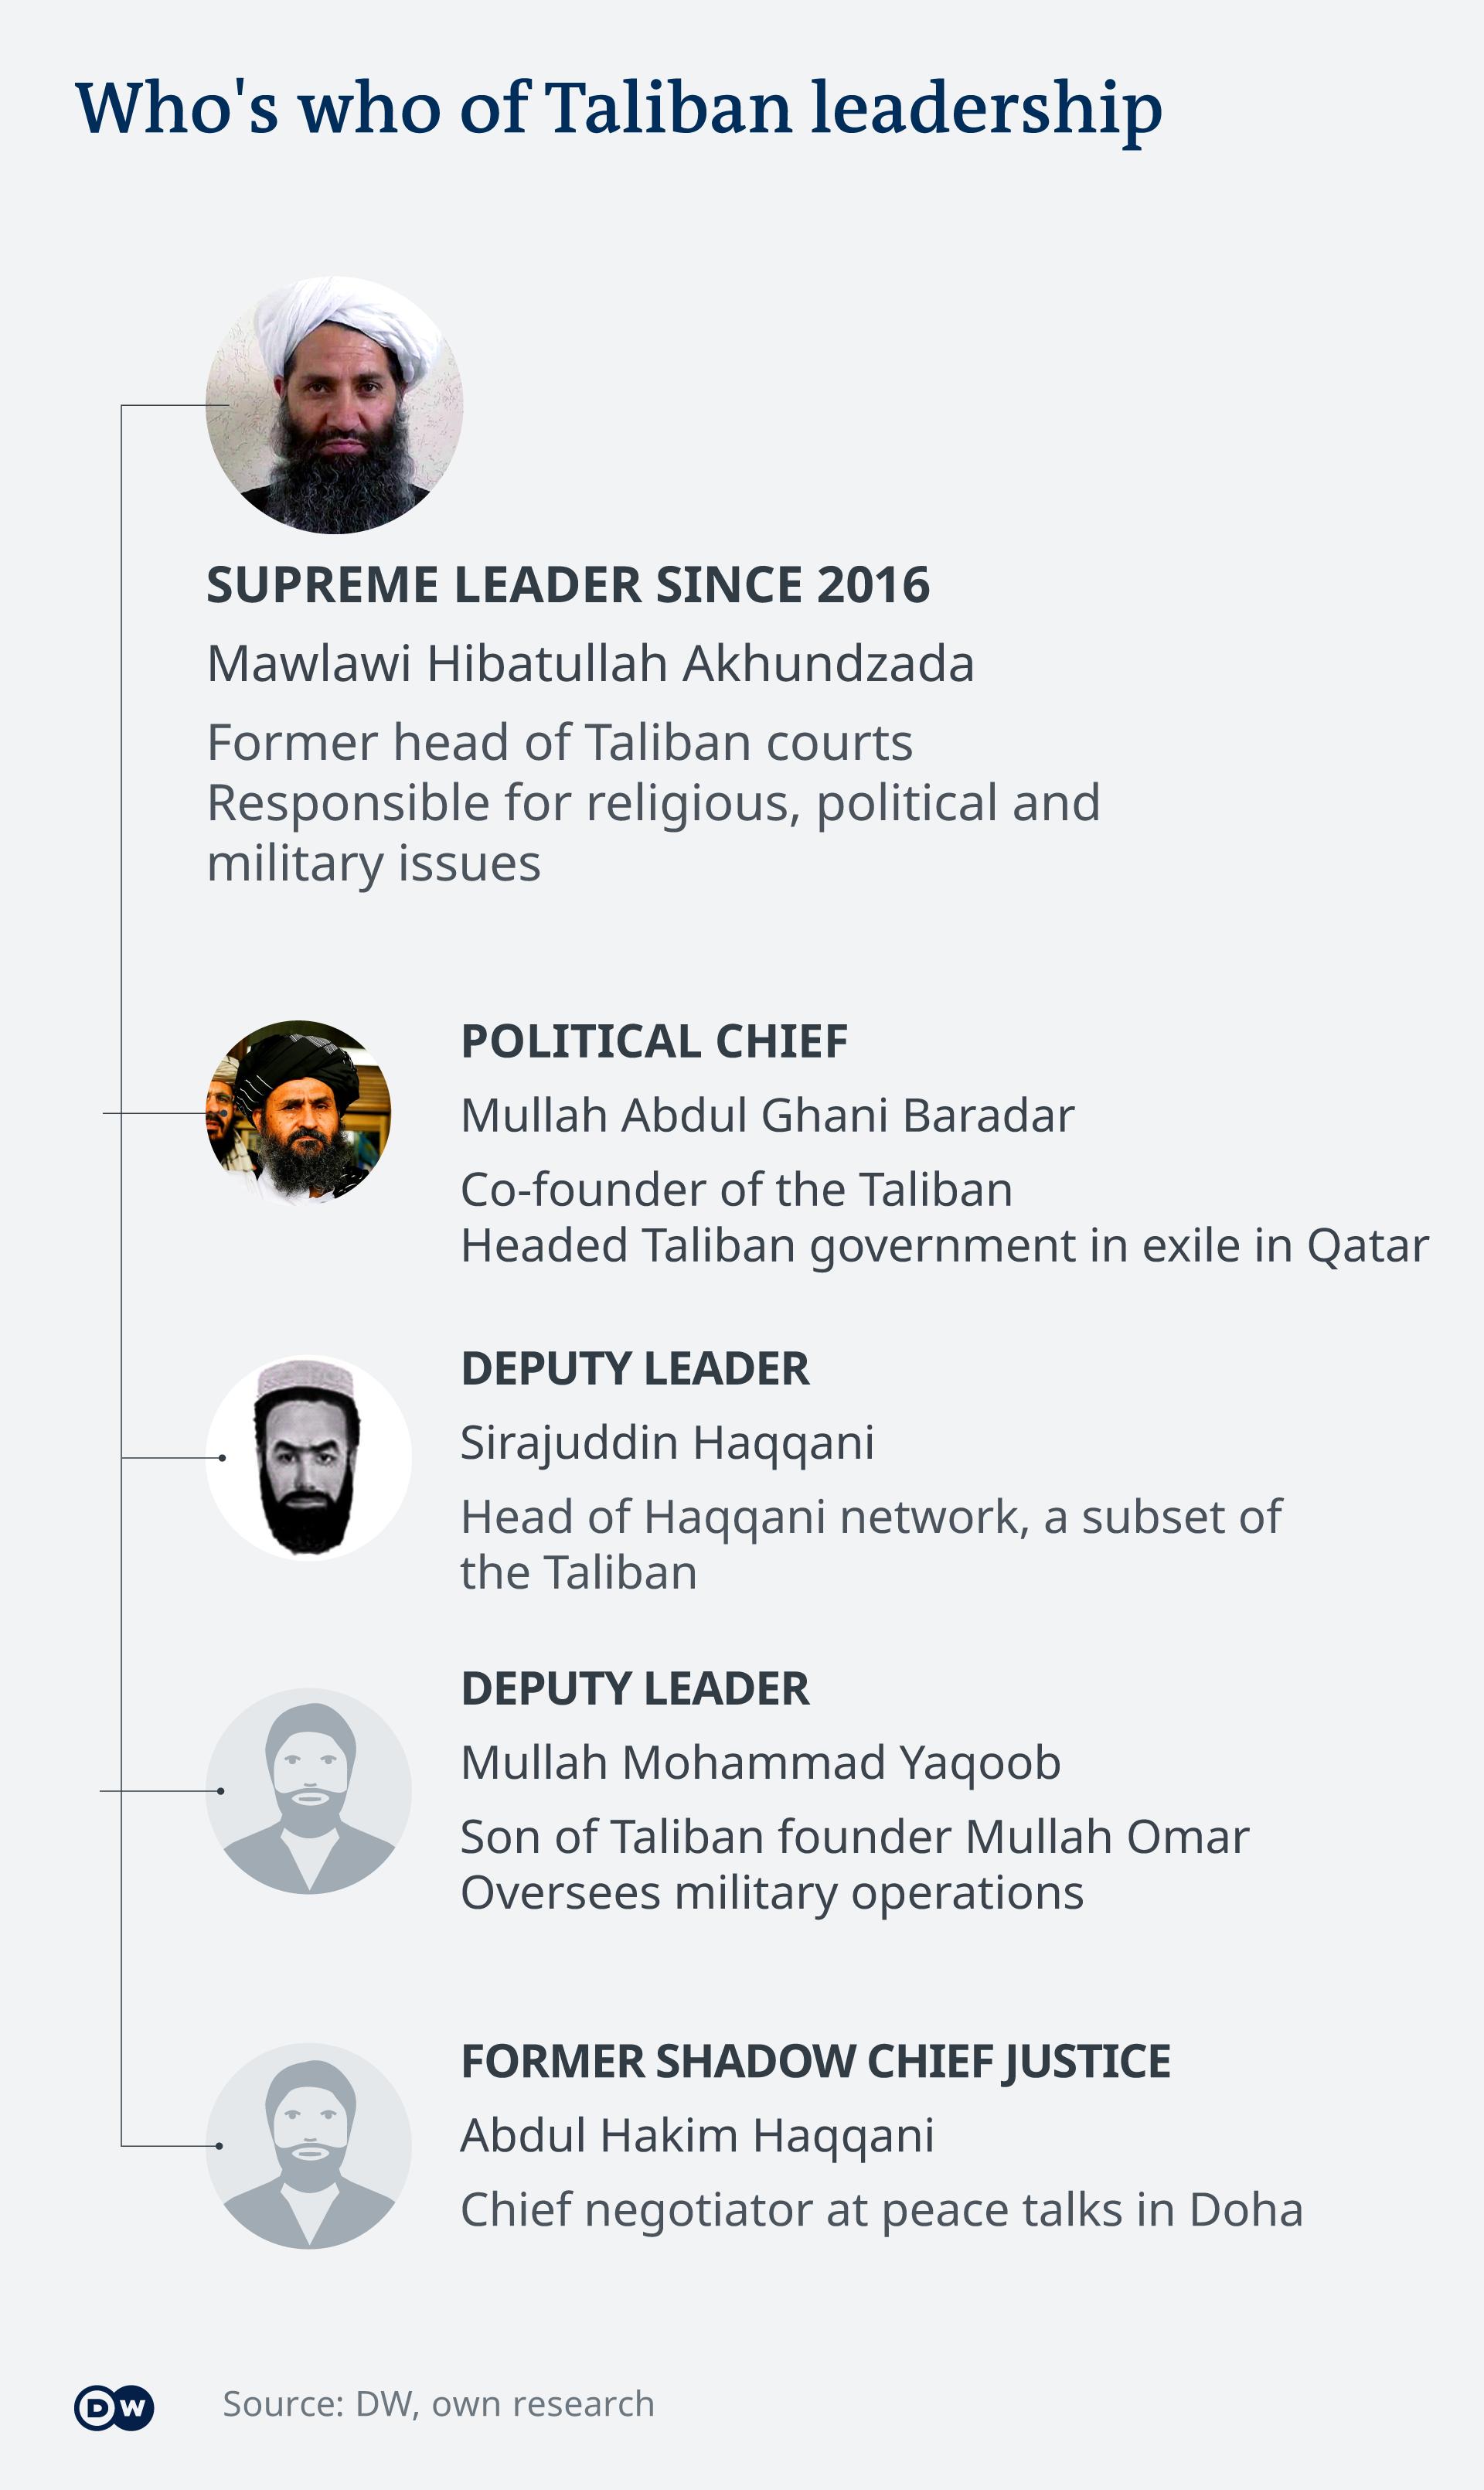 塔利班的组织架构